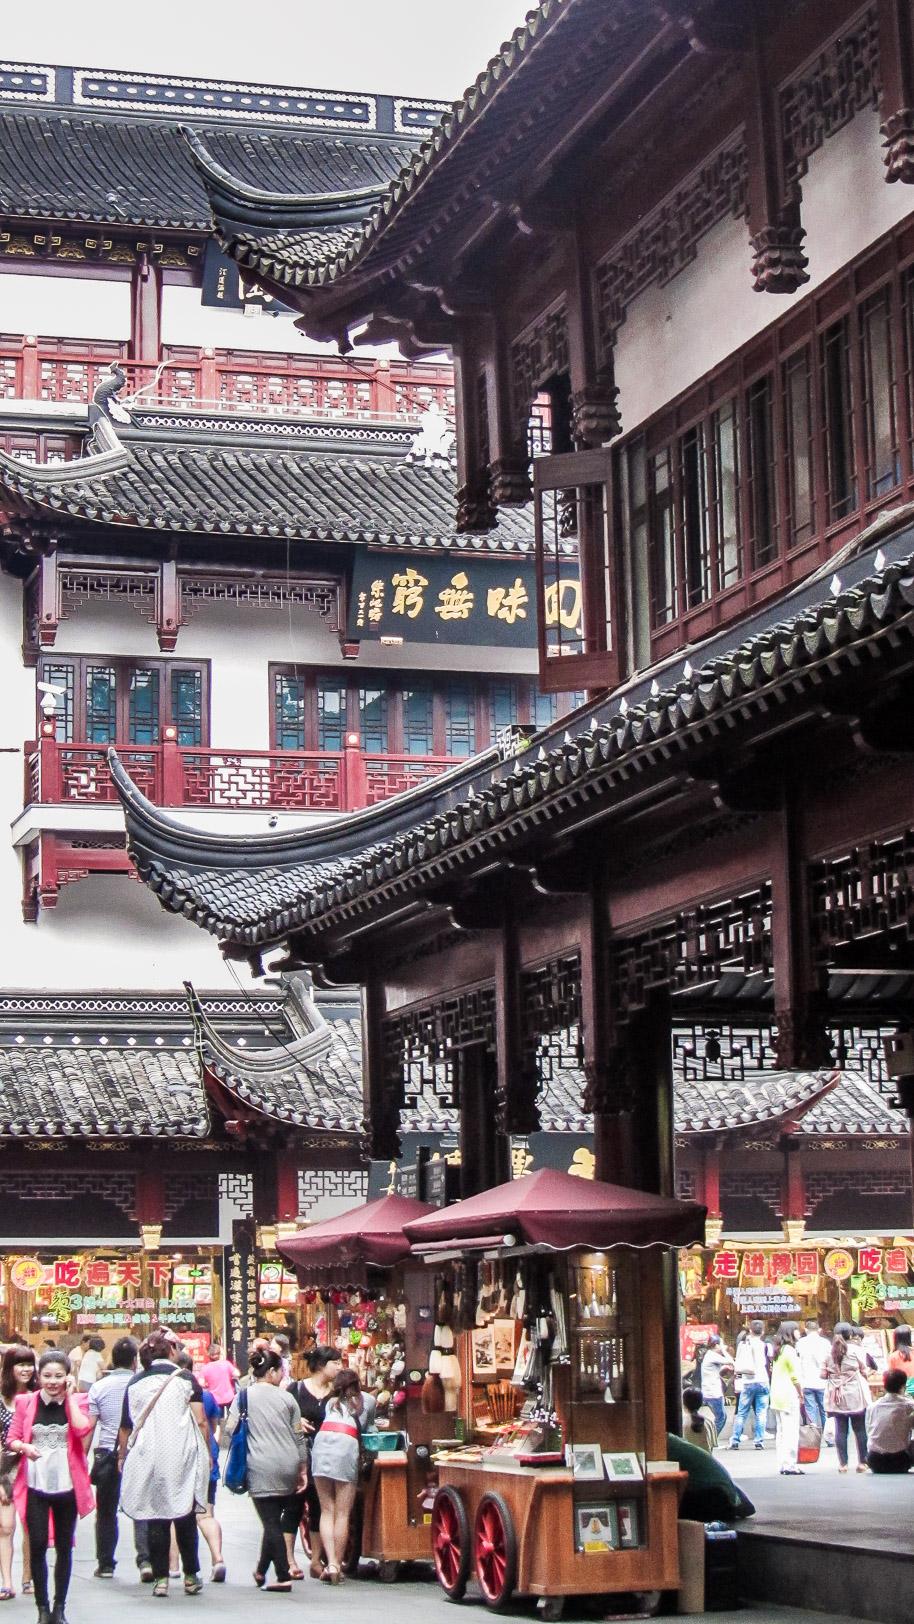 rue commerçante proche du jardin de yuyuan à Shanghai